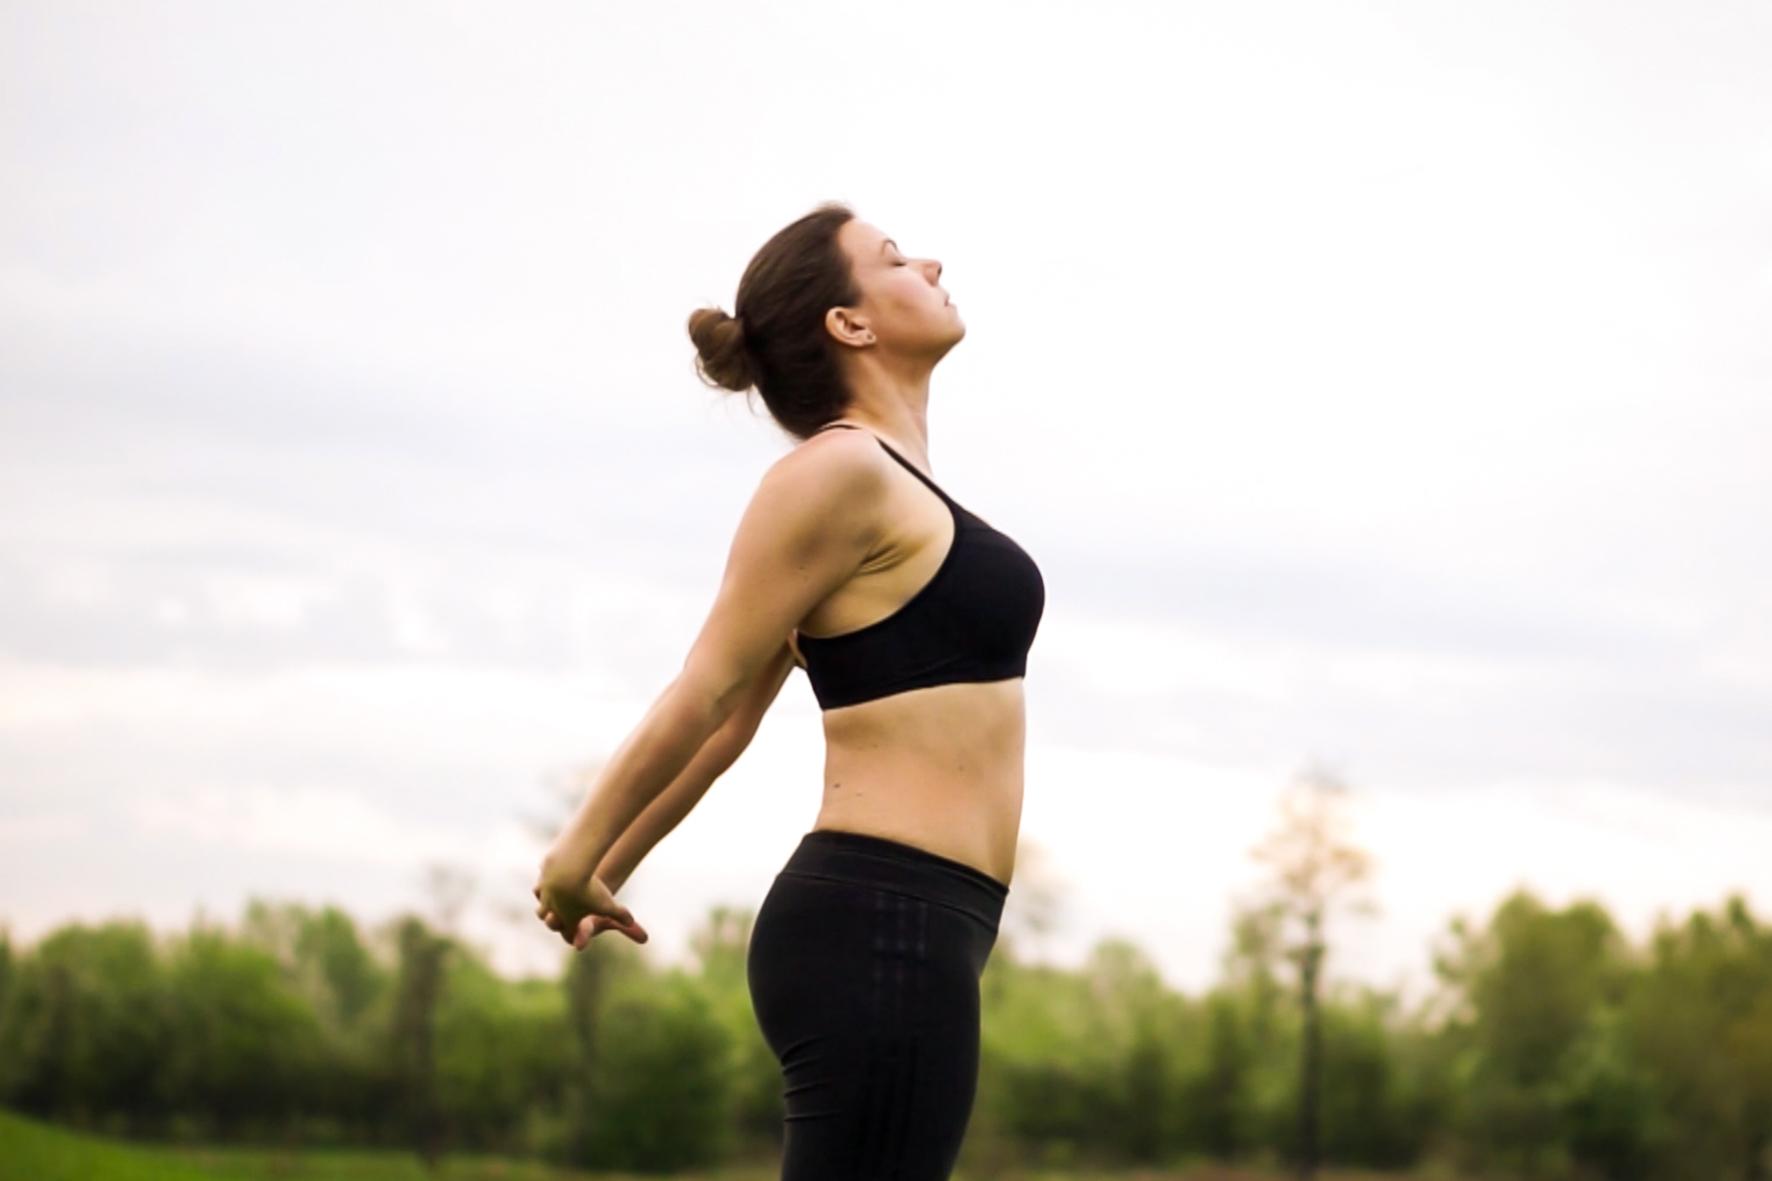 454d555faffd57 Joanna Tokarska demonstruje otwarcie klatki piersiowej oraz złączenie rąk z  tyłu